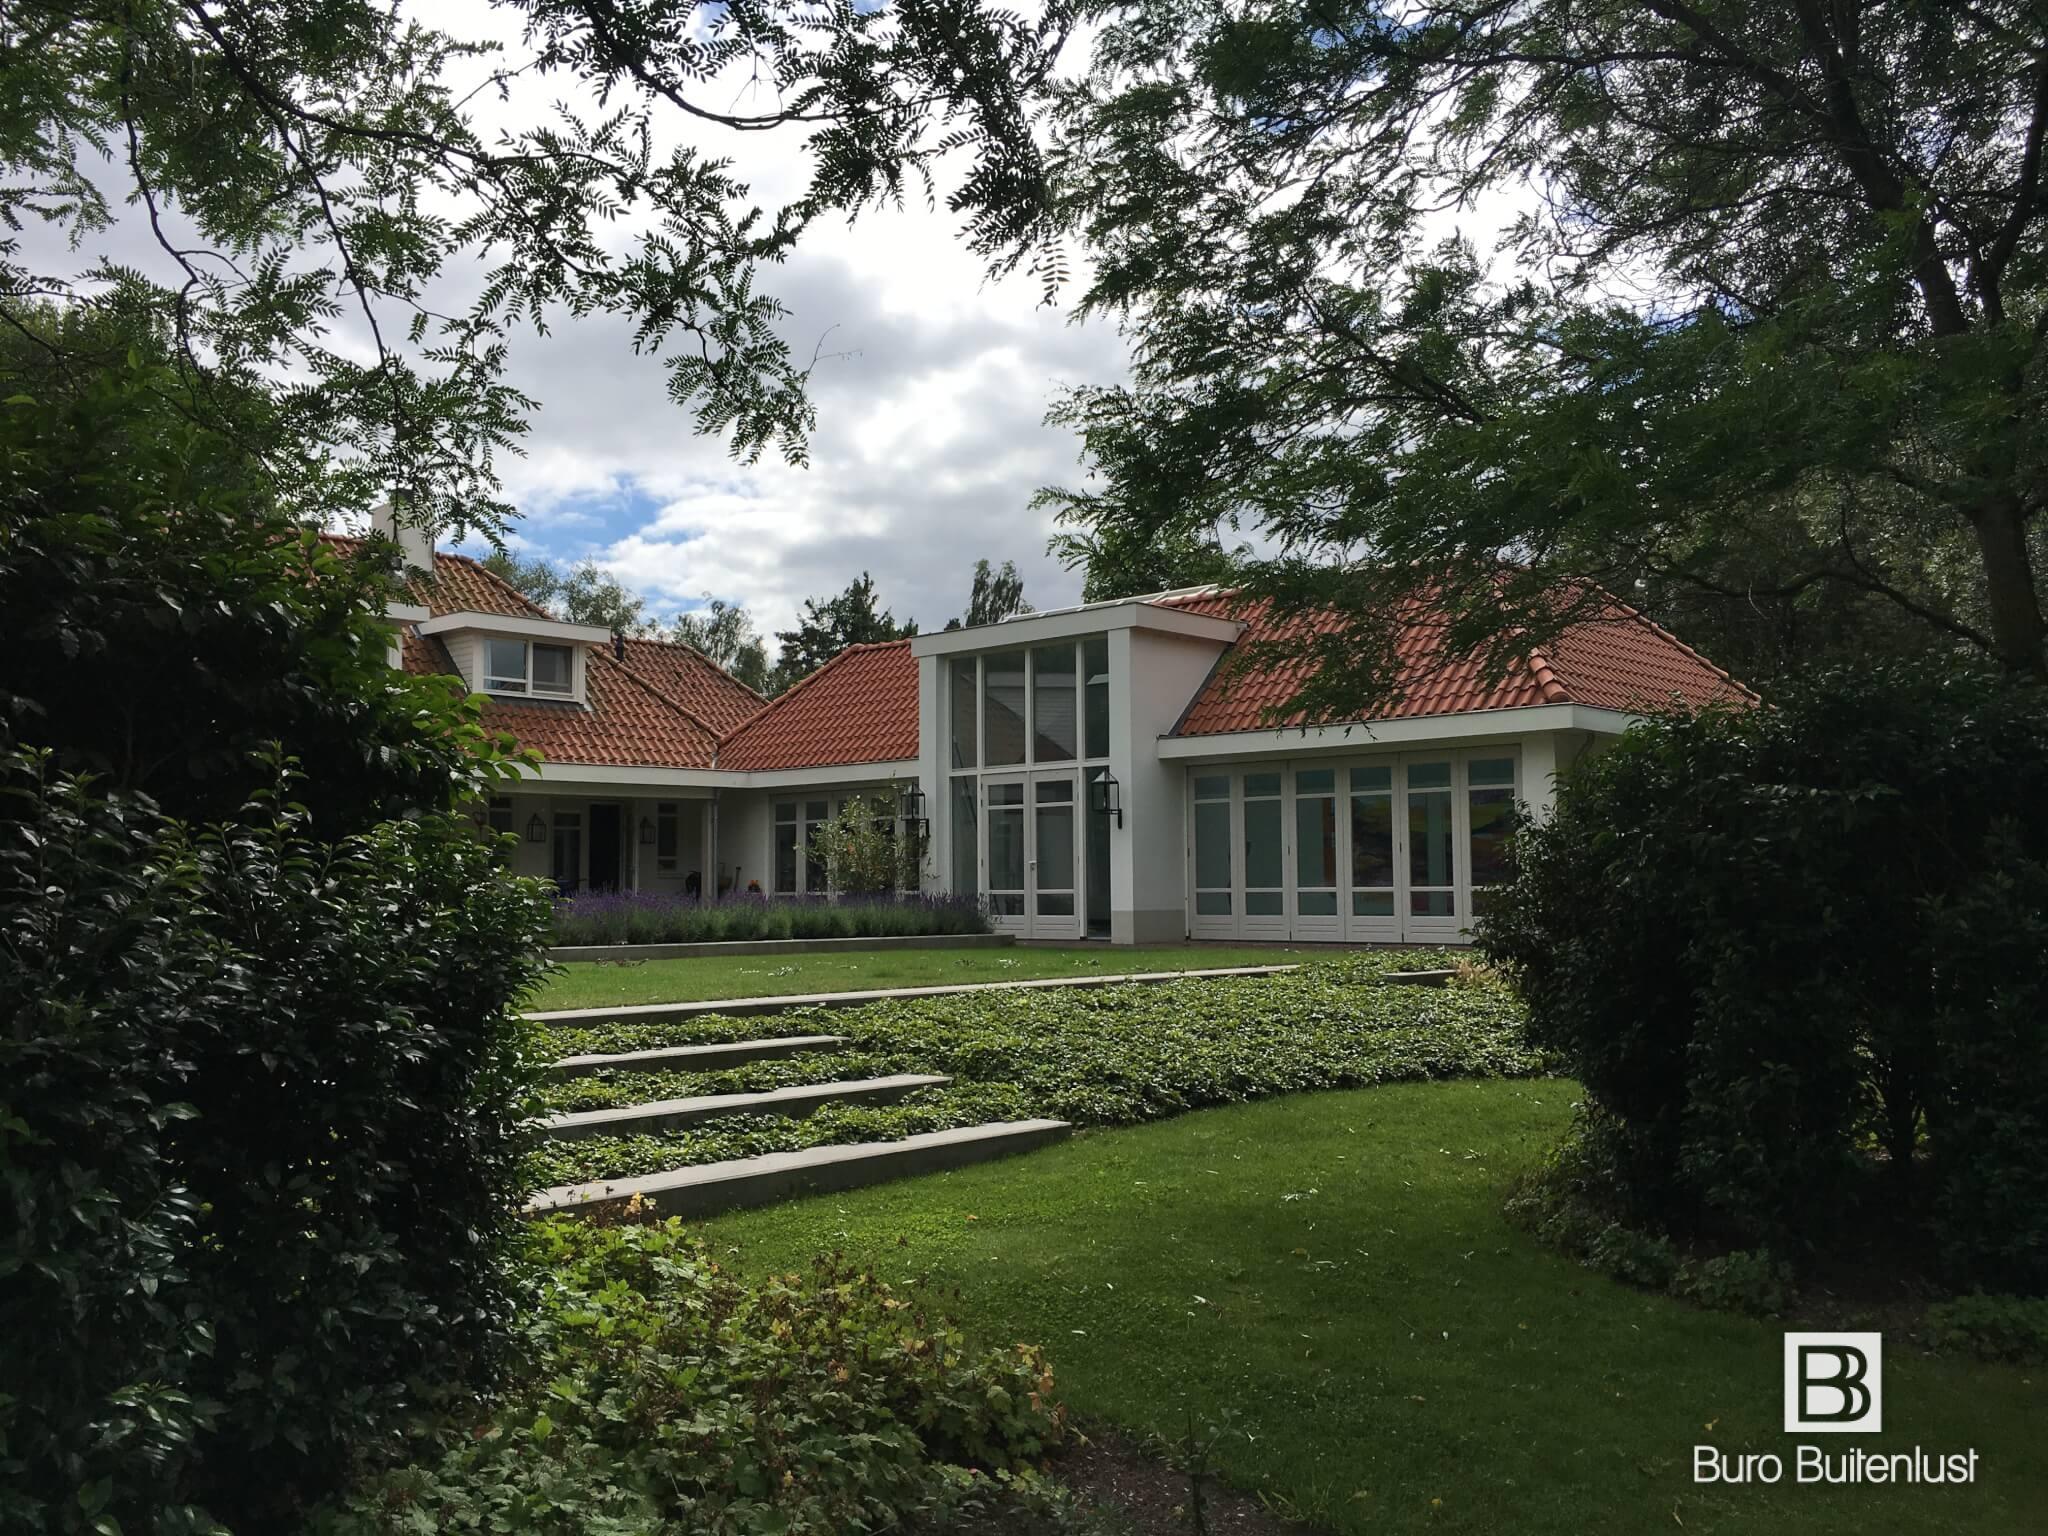 Tuinarchitectuur exclusief landgoed